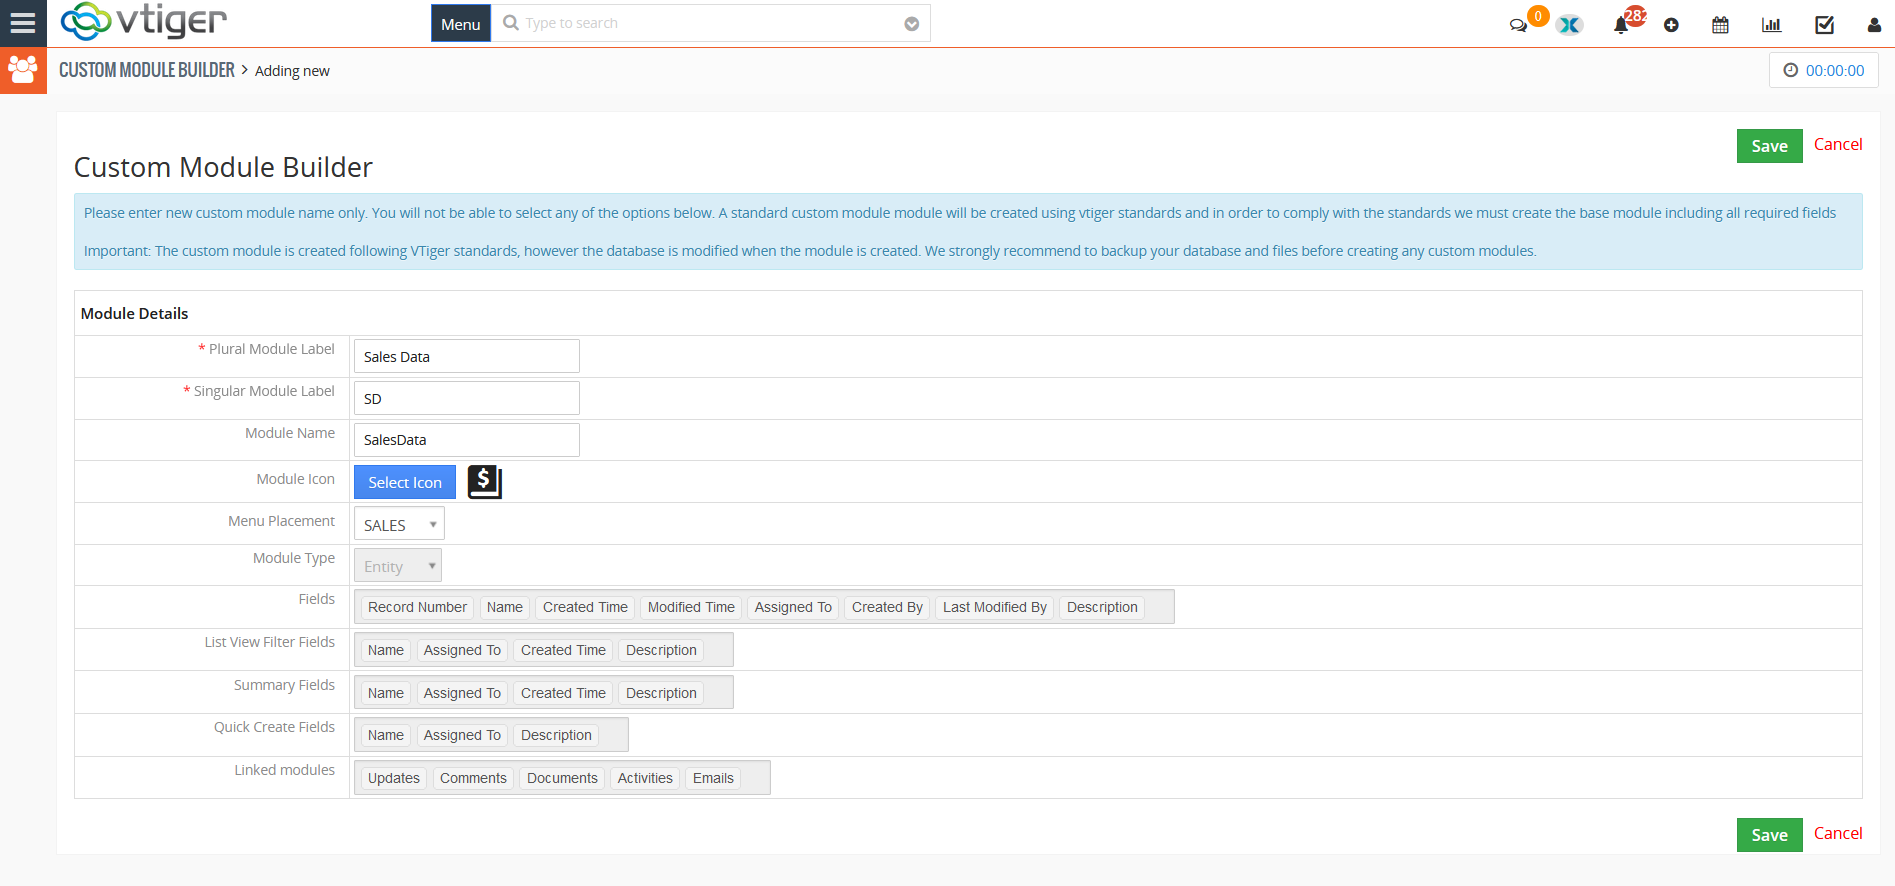 Create a custom module